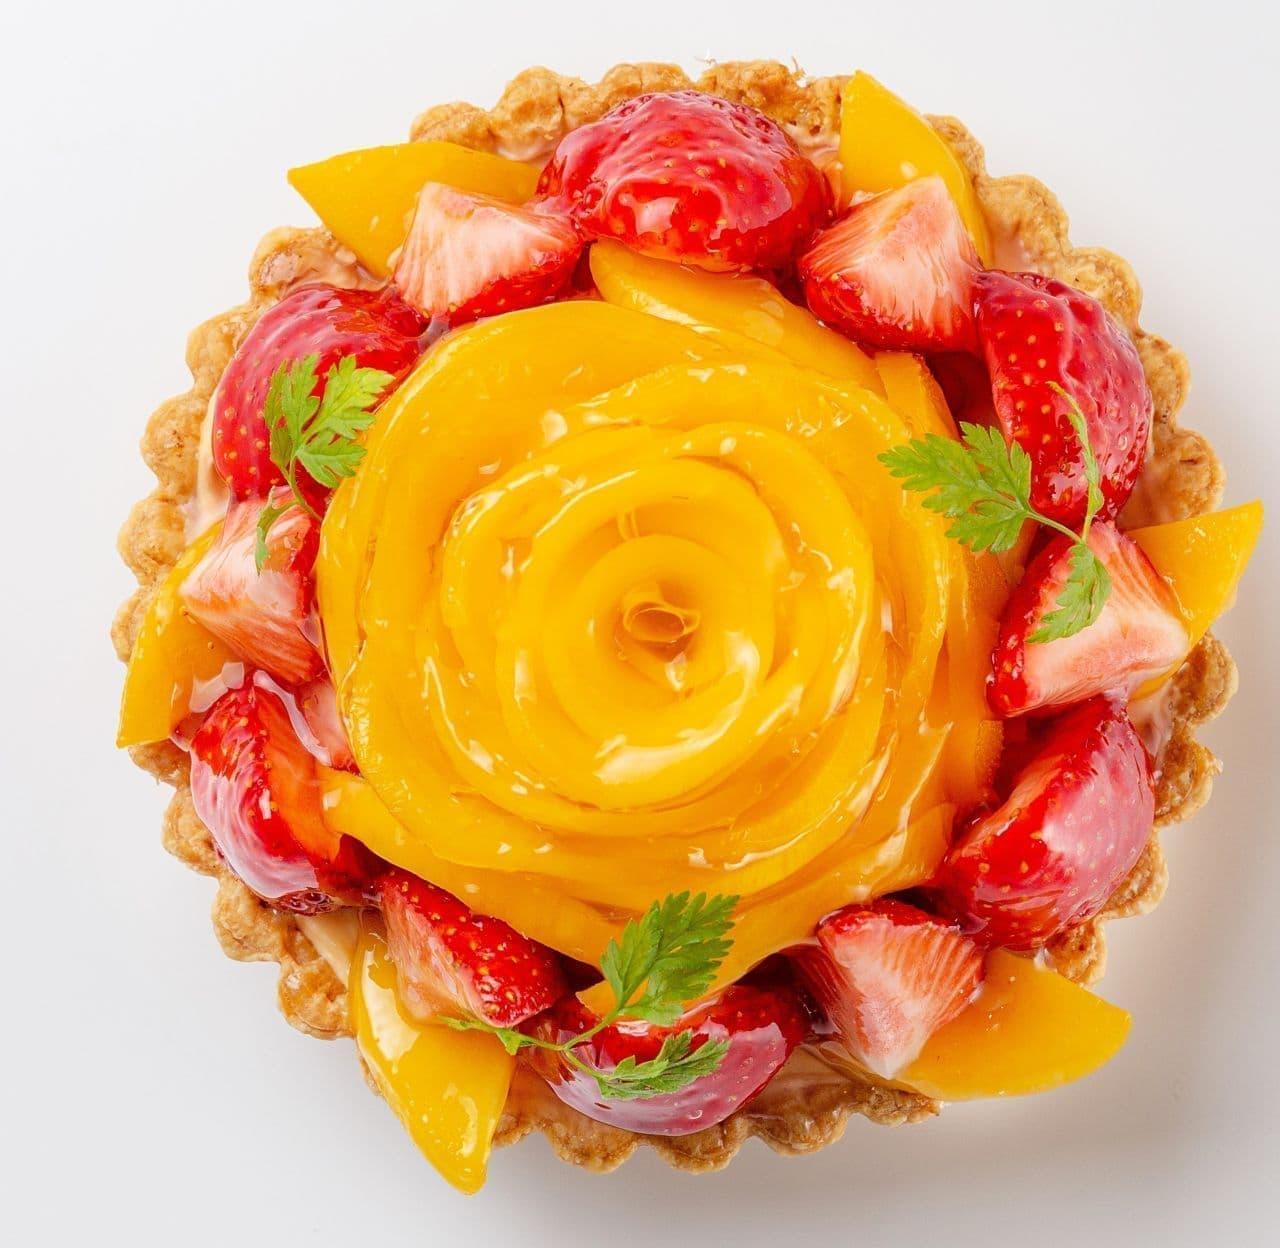 フルーツピークス「マンゴーといちご」